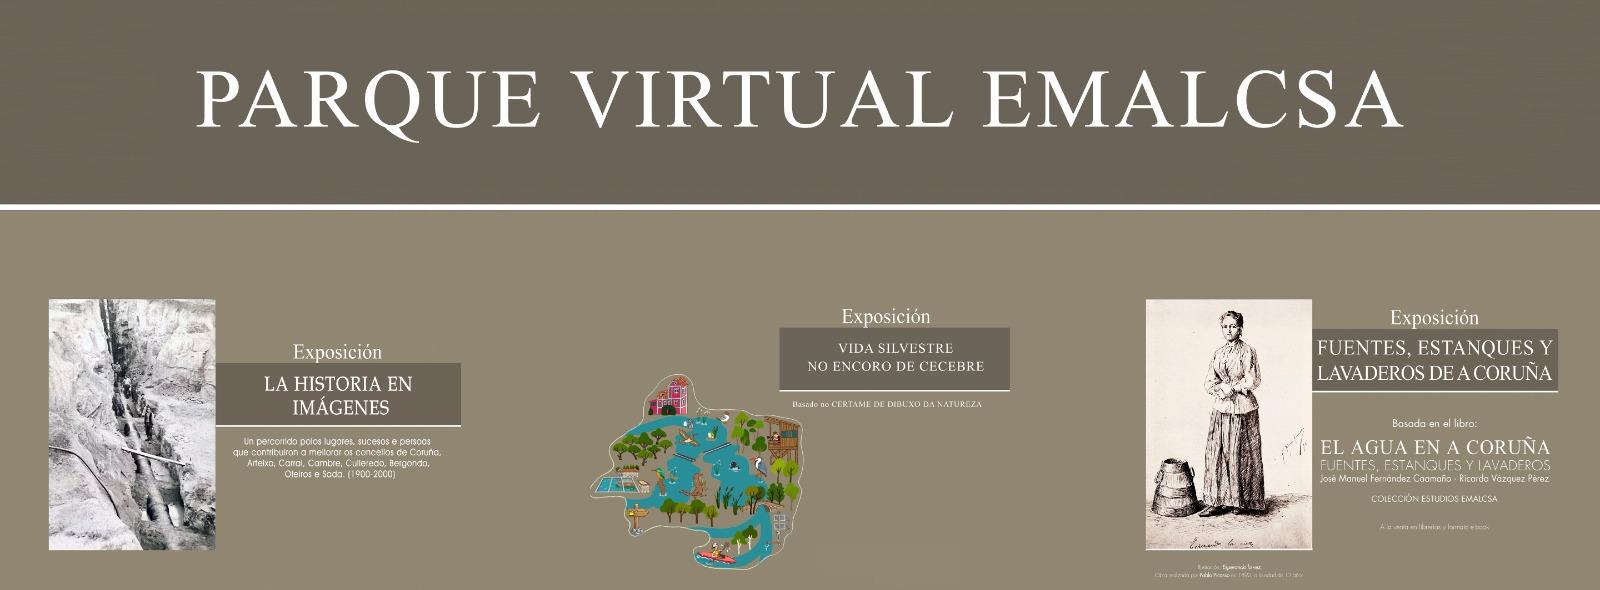 Abre Parque Emalcsa, un novo espazo expositivo virtual para mostrar as súas coleccións vinculadas á auga